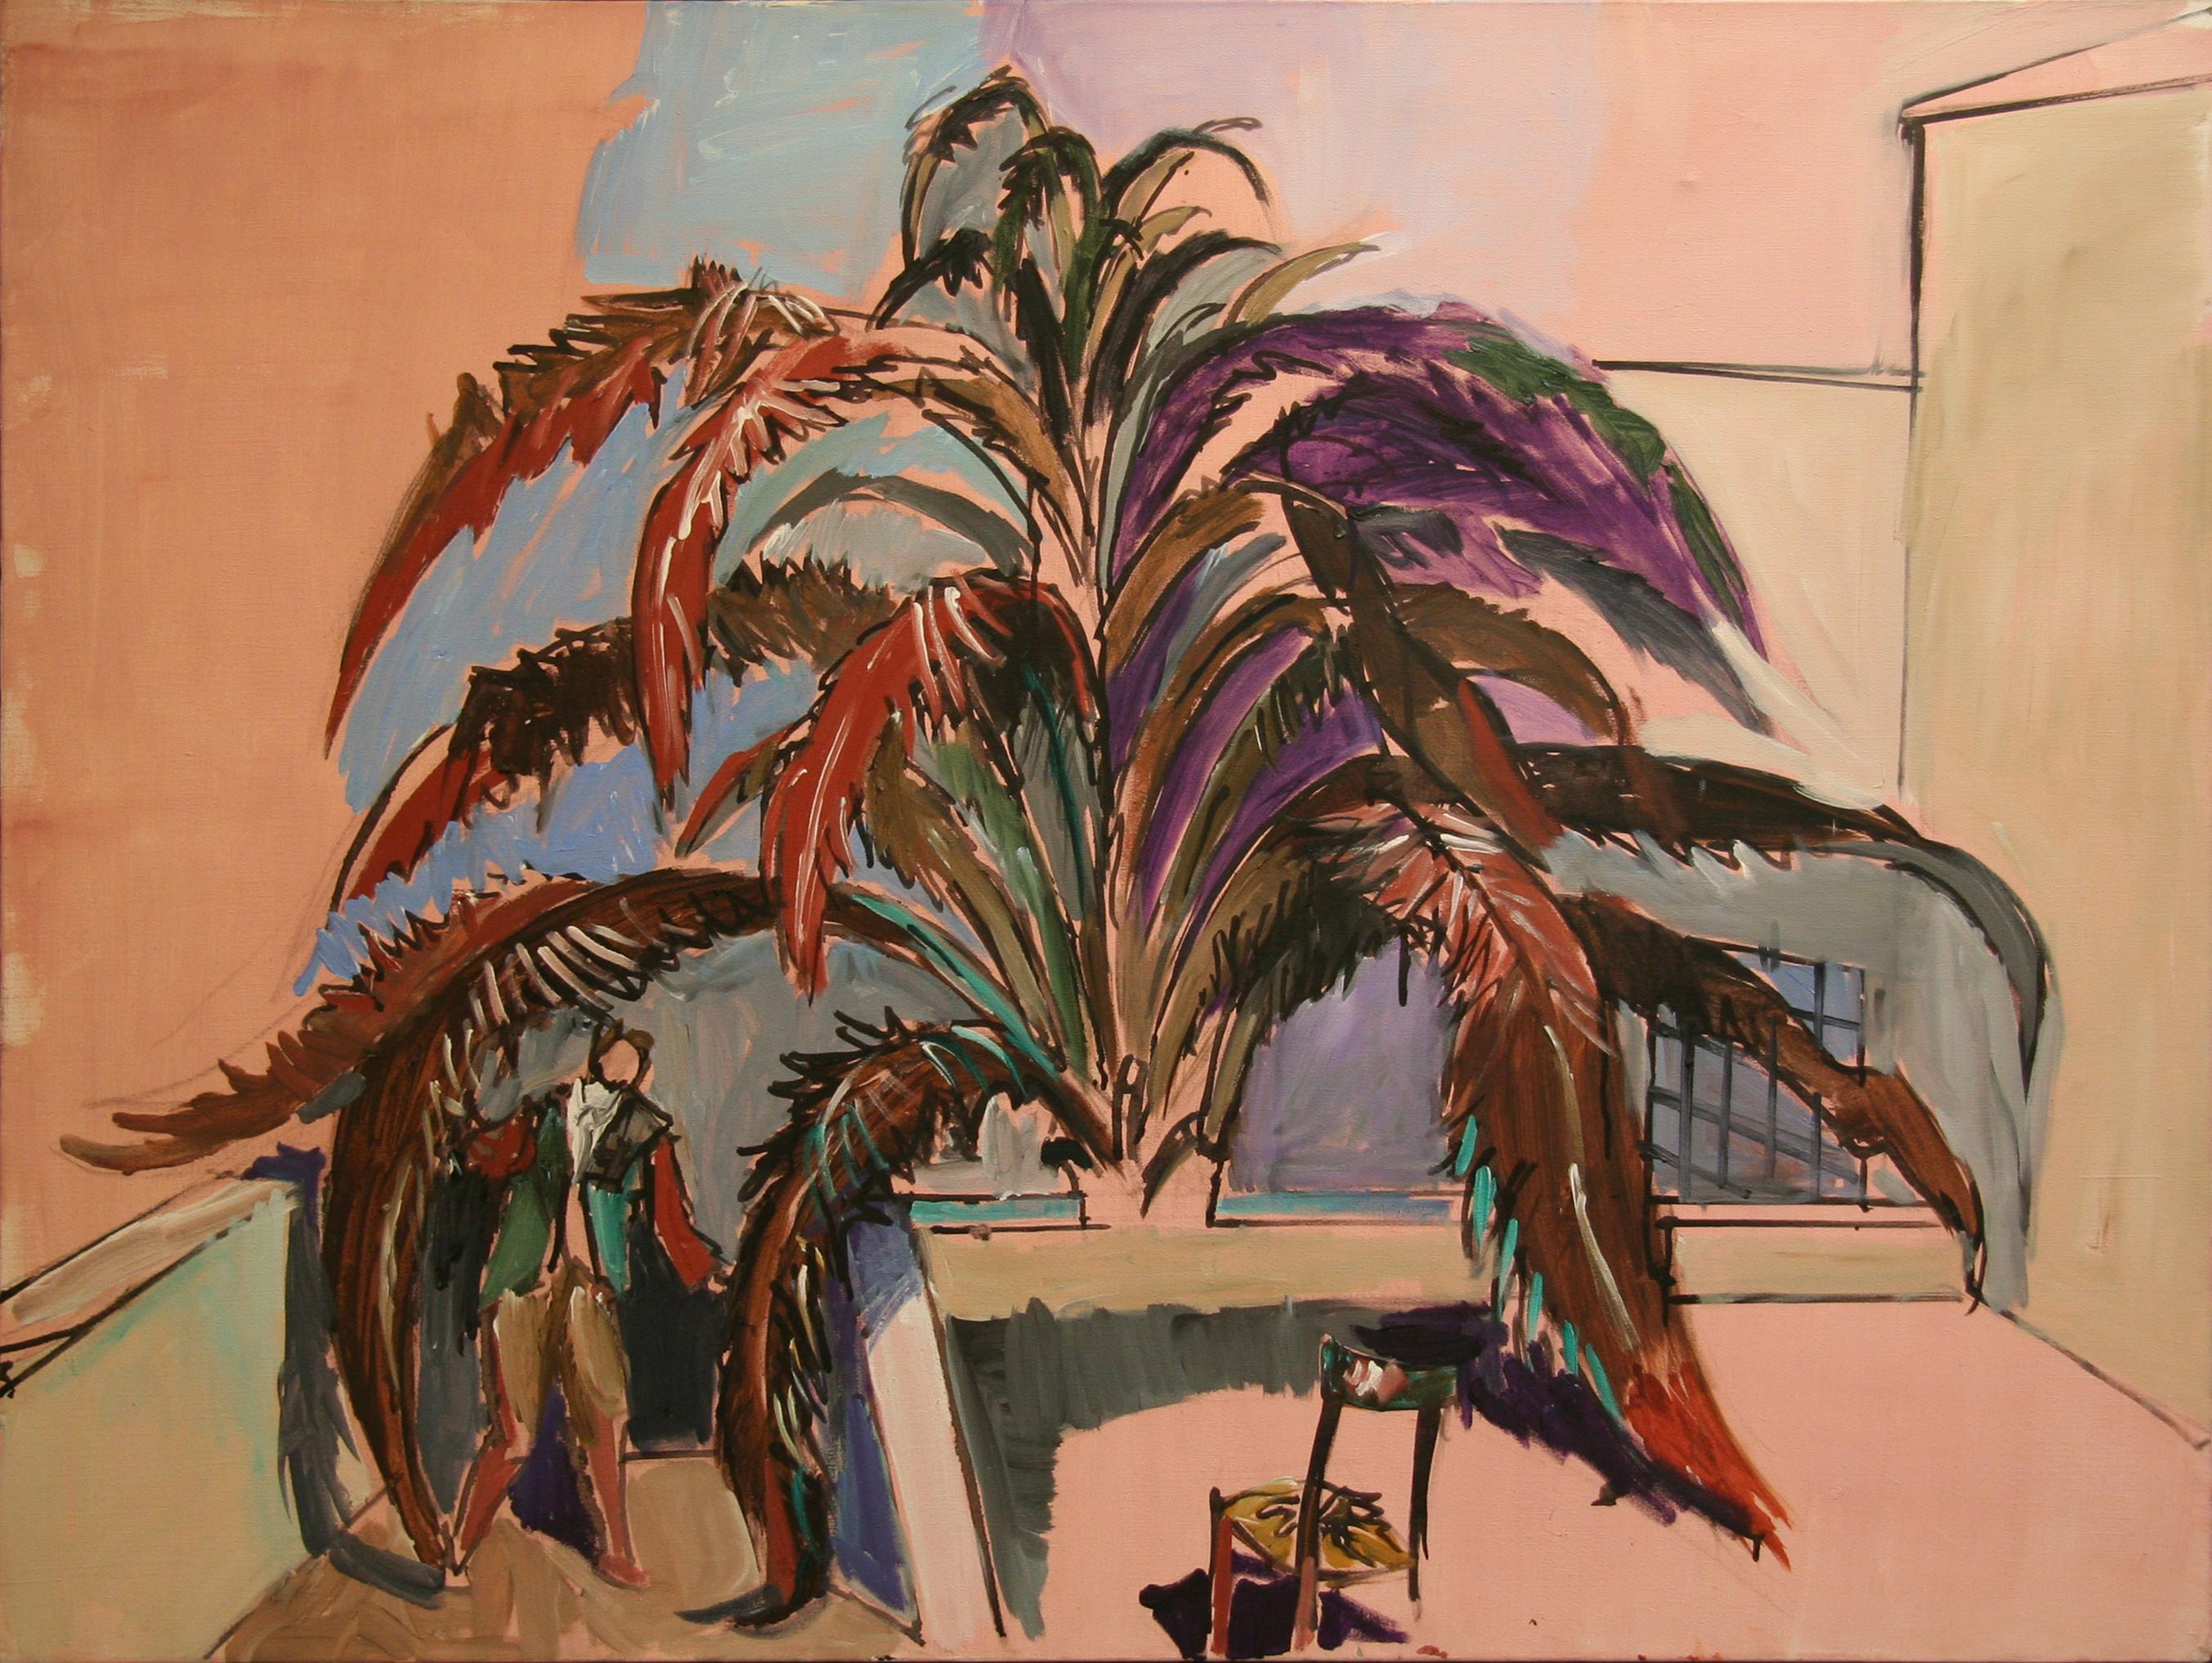 Jean Hélion, Palmier, 1982, acrylique sur toile, 97 x 130 cm